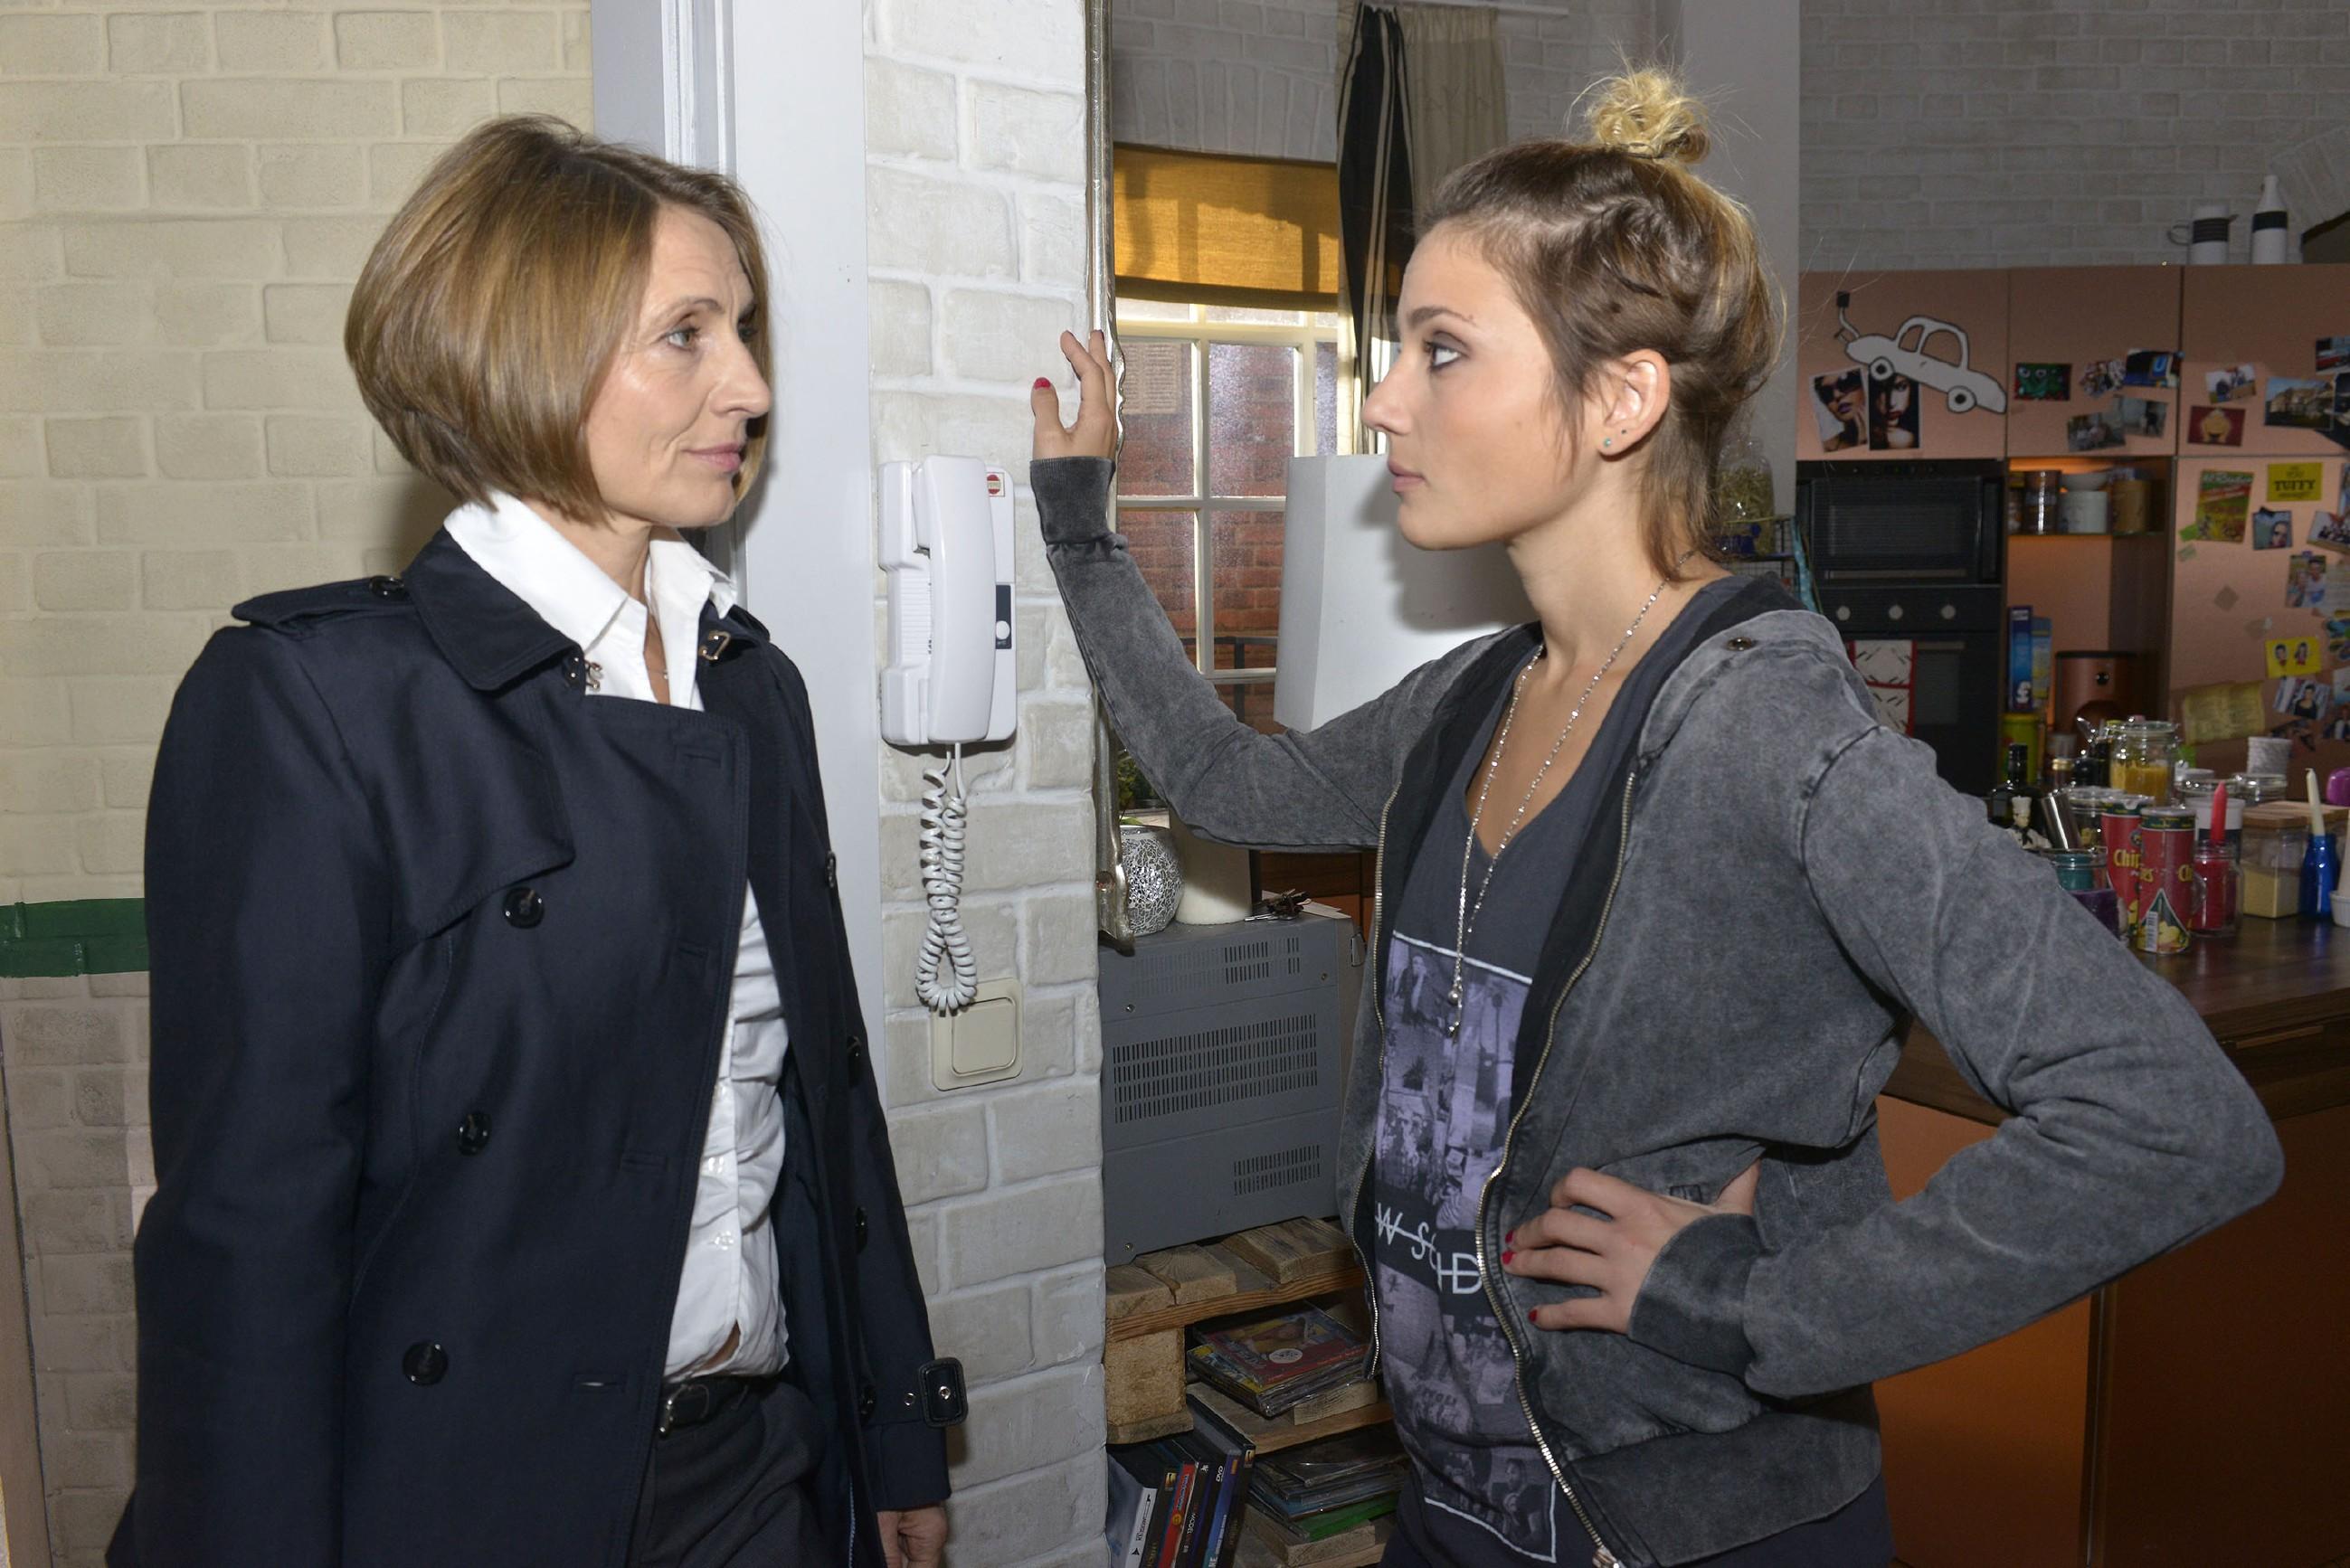 Rosa (Joana Schümer, l.) und Anni (Linda Marlen Runge) geraten über ihre verschiedenen Ansichten in Streit und beschließen, getrennte Wege zu gehen. (Quelle: RTL / Rolf Baumgartner)